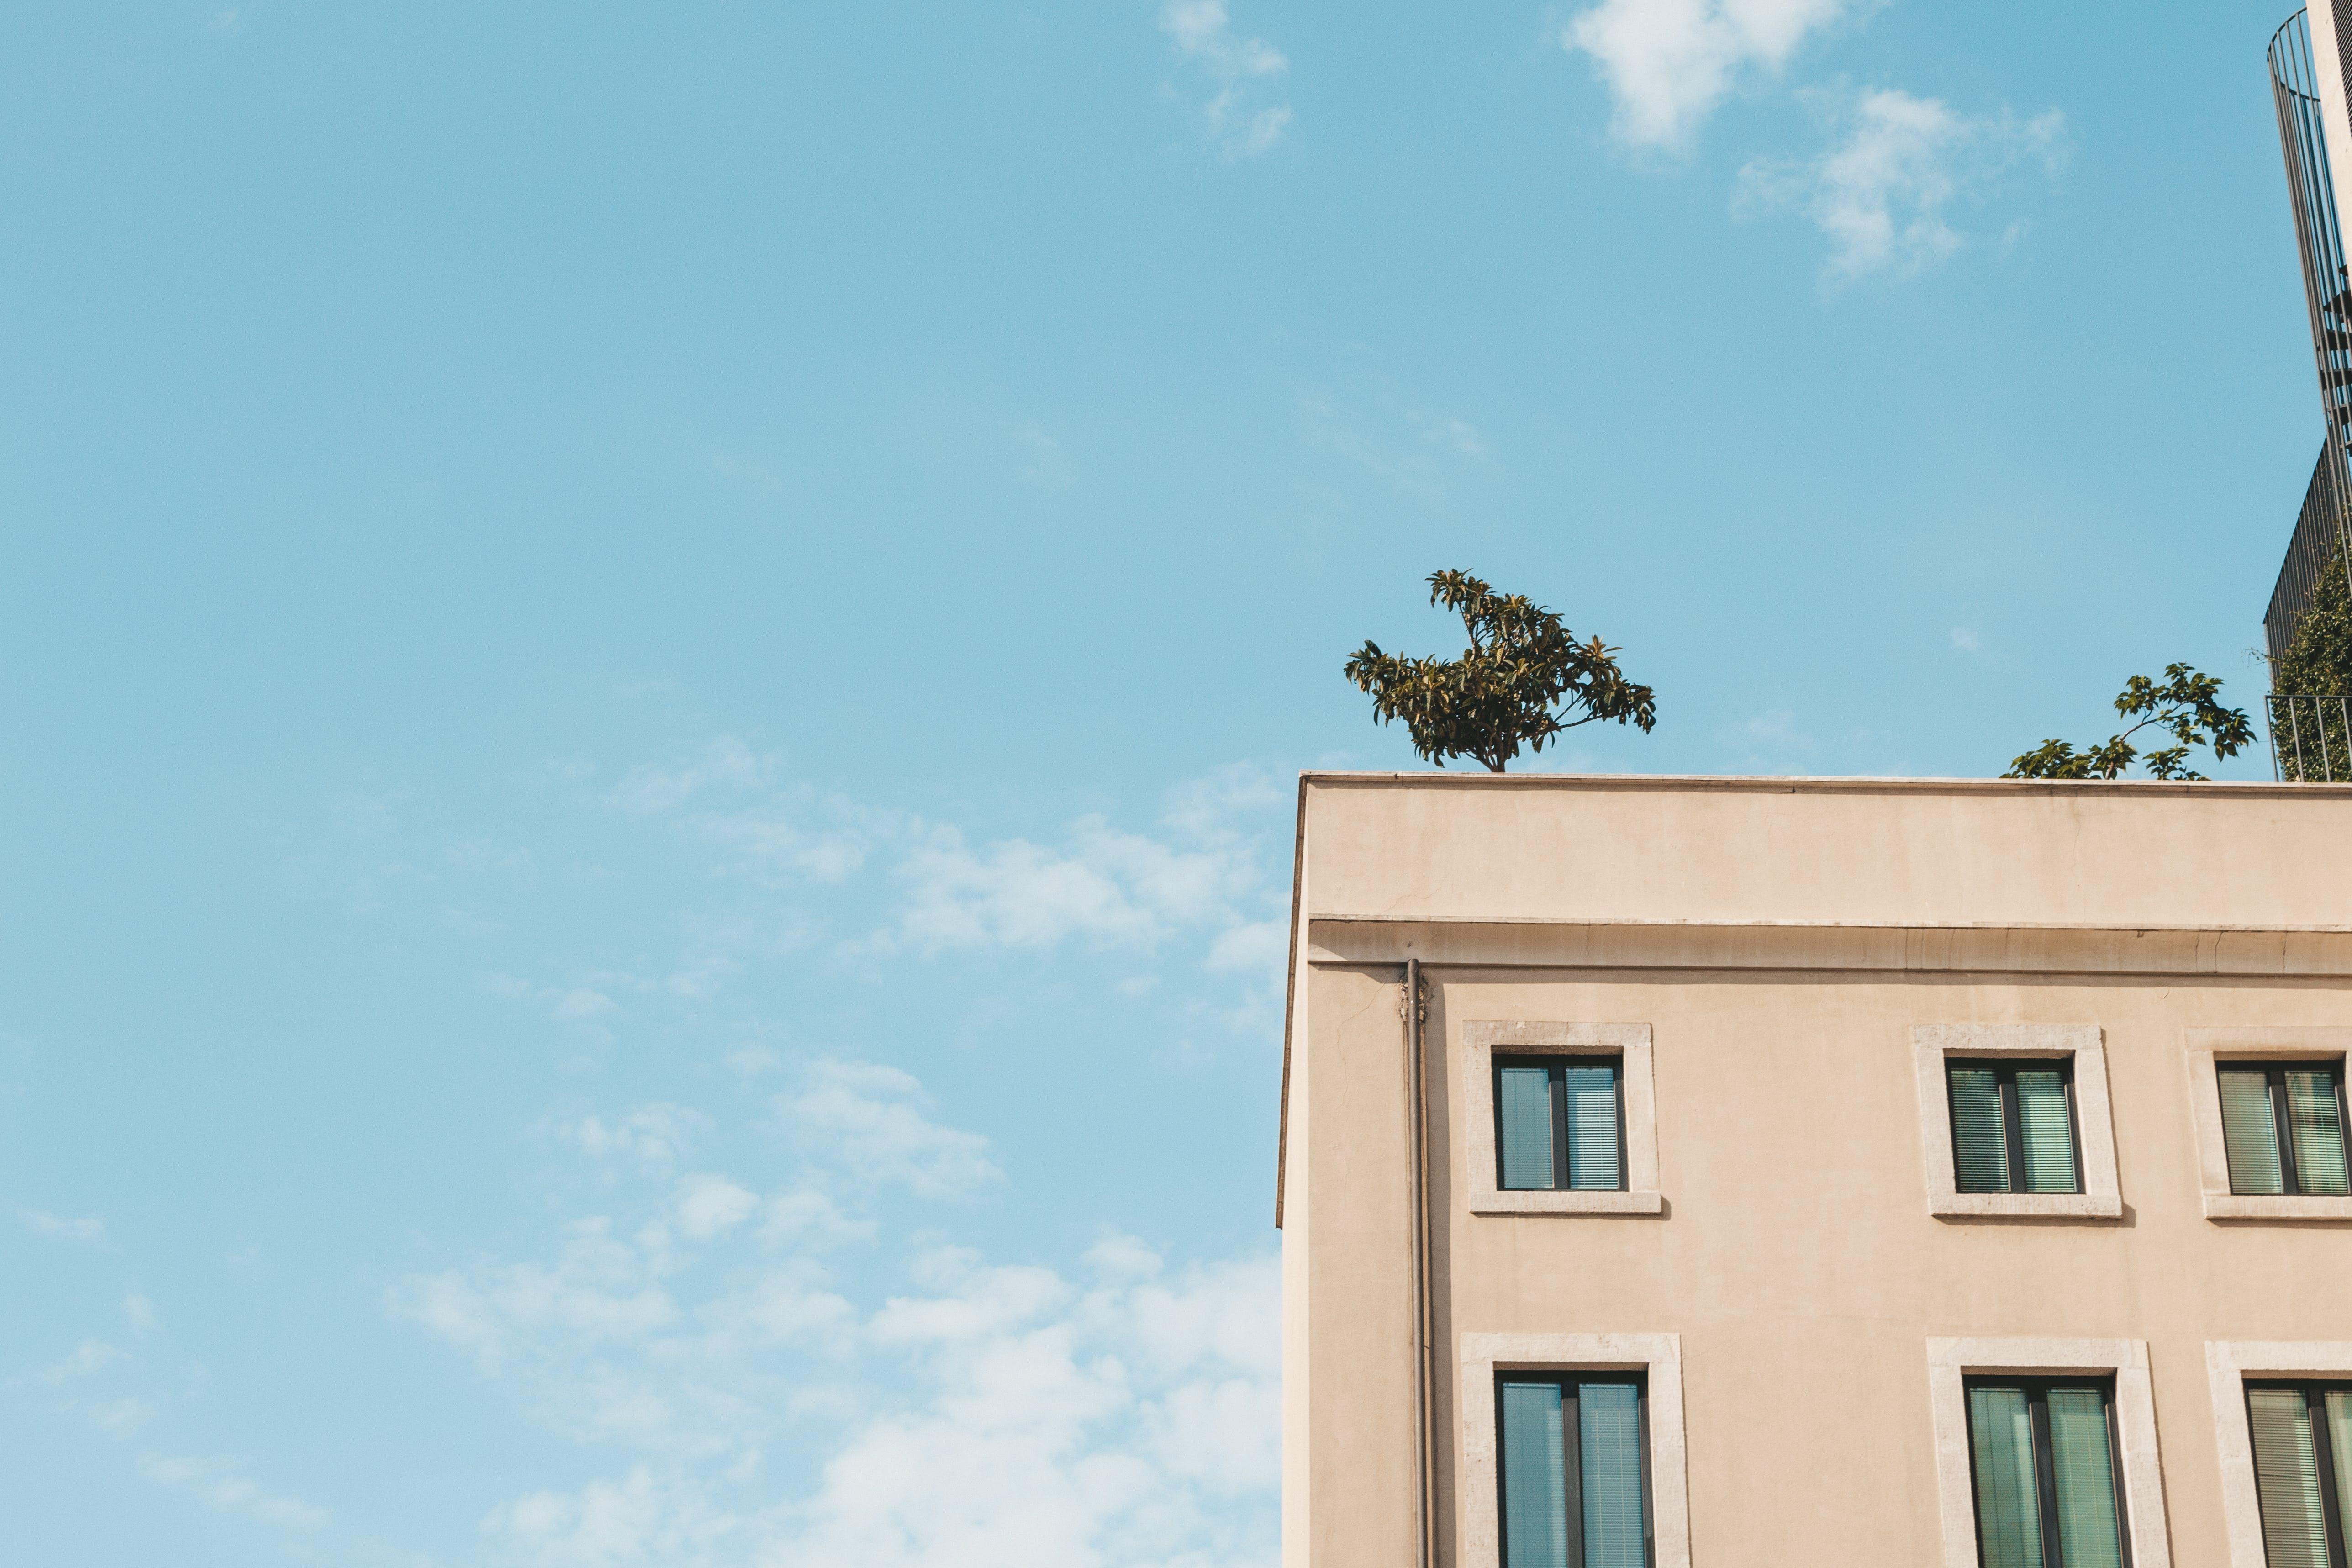 apartament, arbre, arquitectura